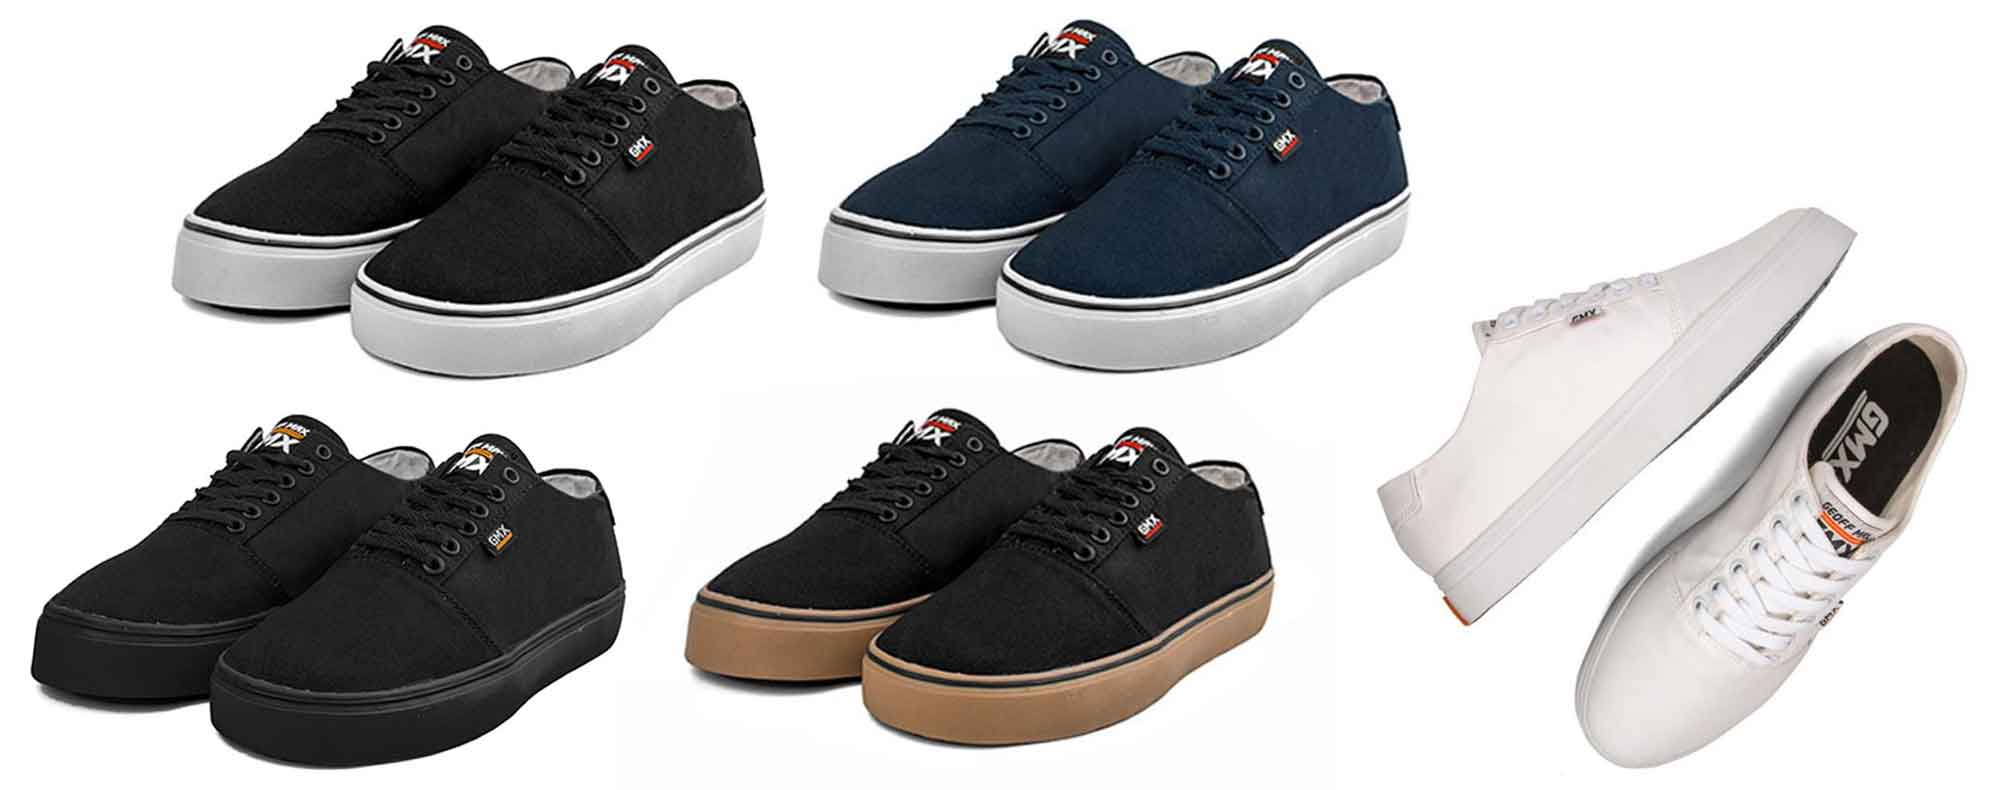 Geoff Max - Brand Sepatu Lokal 10 Nama yang Tak Kalah Mantul dari Merek Luar